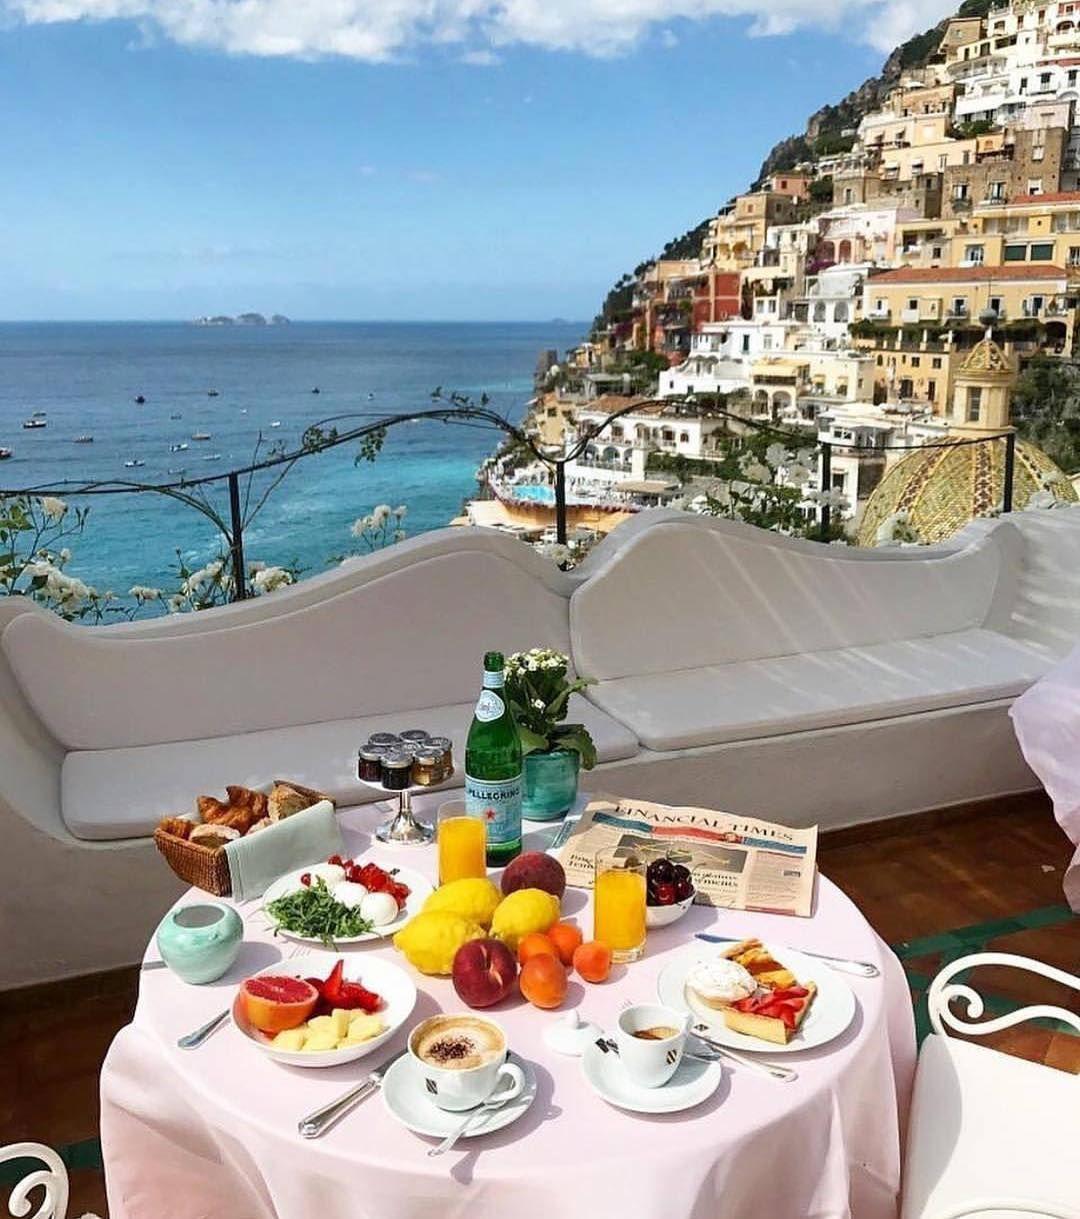 Bom Diaaaa Café Da Manhã Em Positano Vamos Great